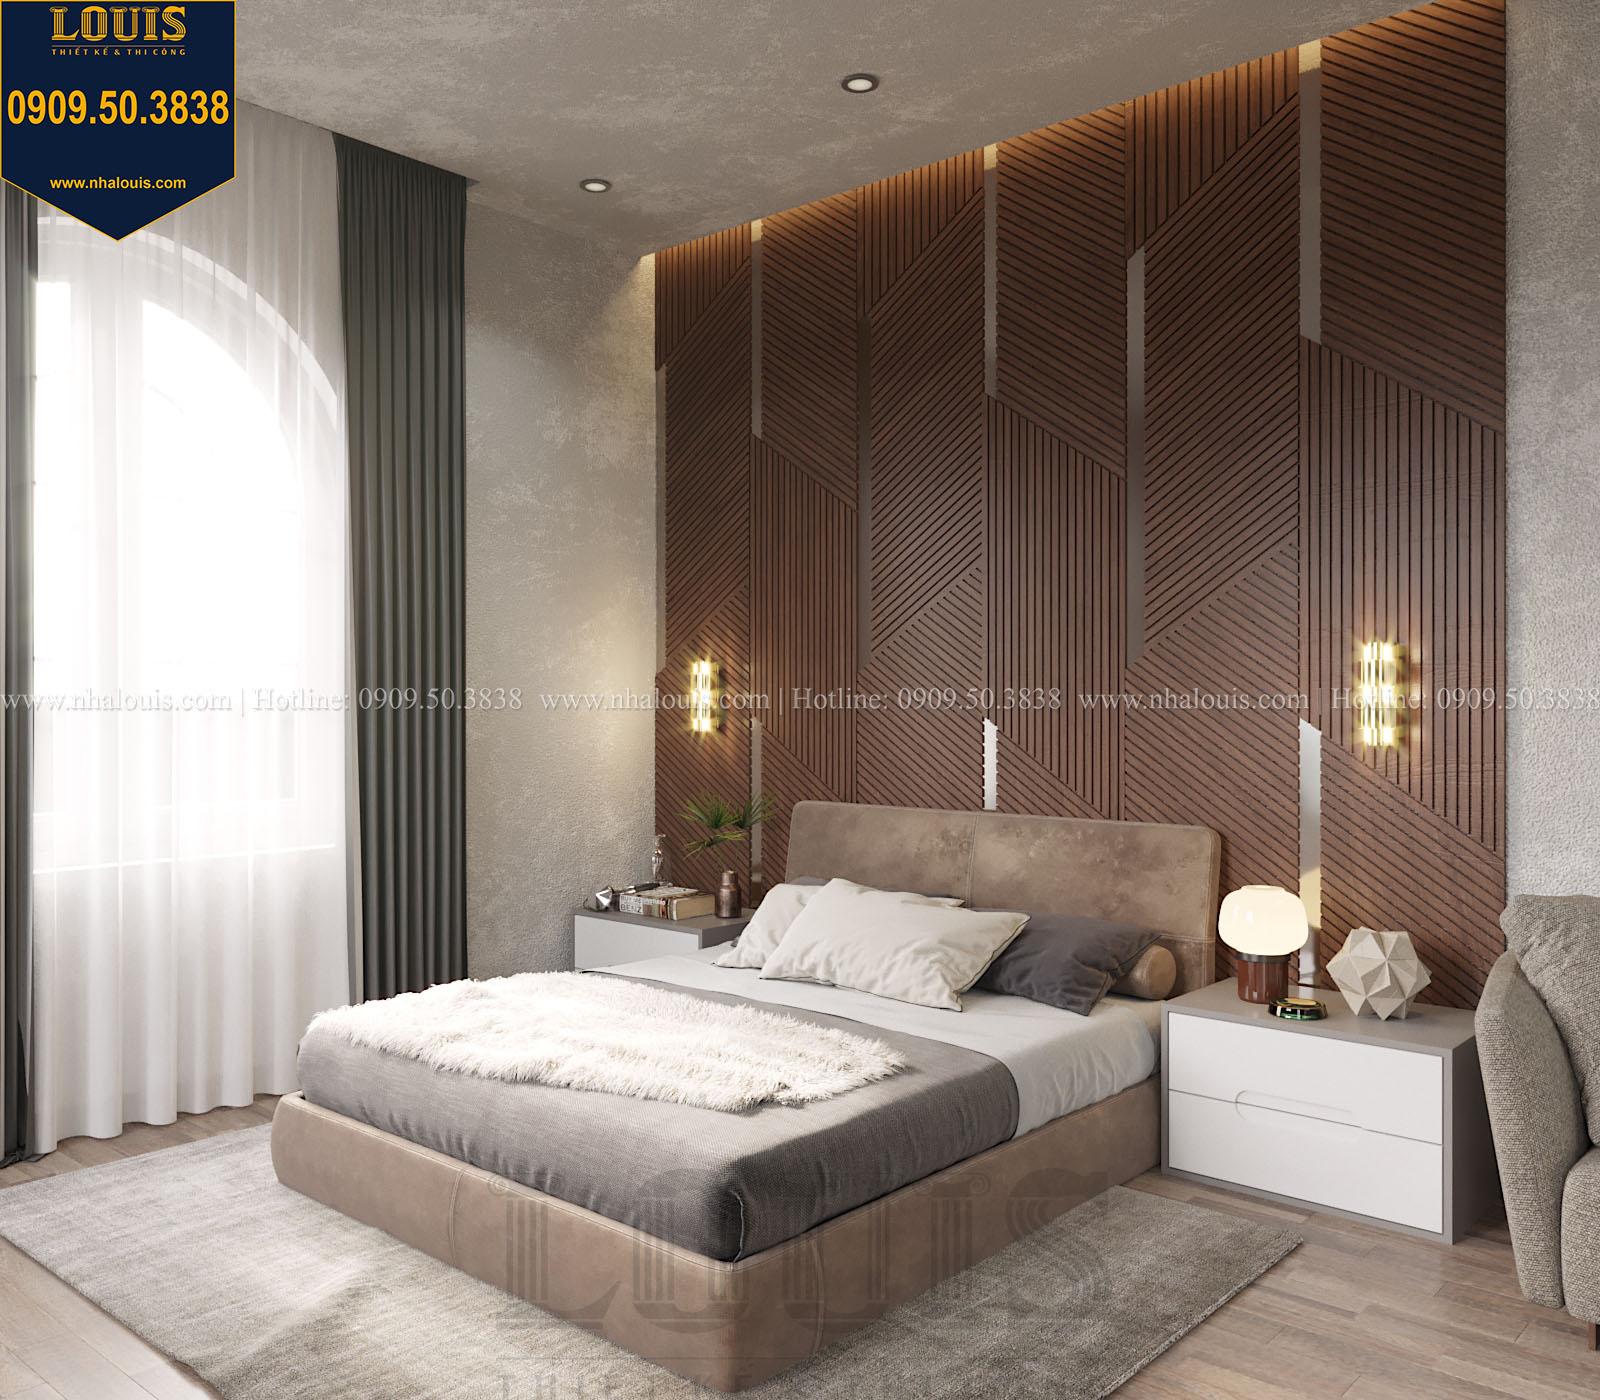 Phòng ngủ biệt thự 2 tầng đẹp - 045